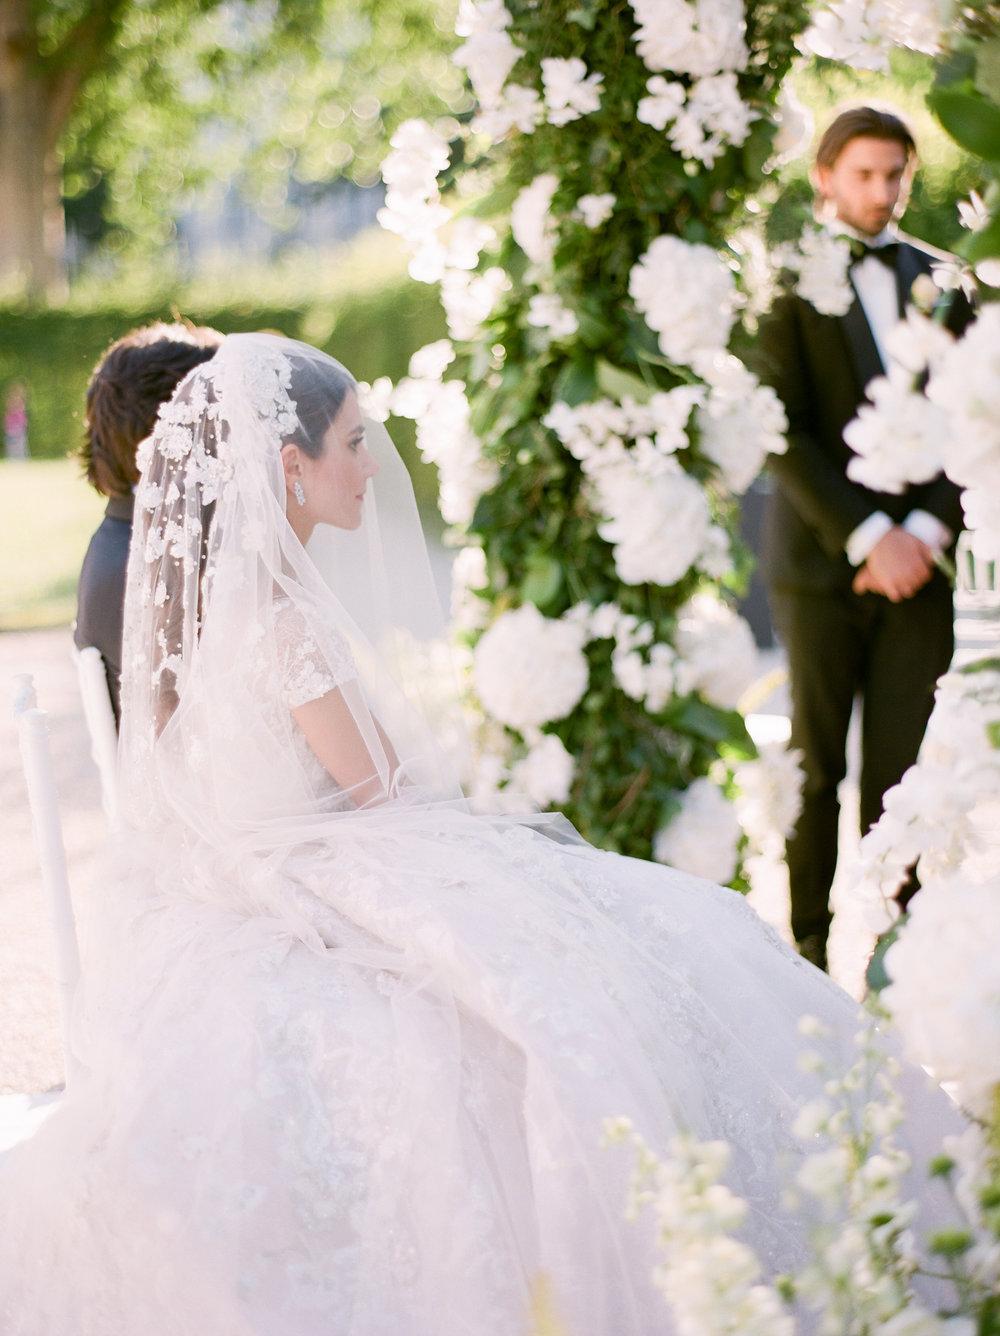 Viennna Wedding - COMING SOON